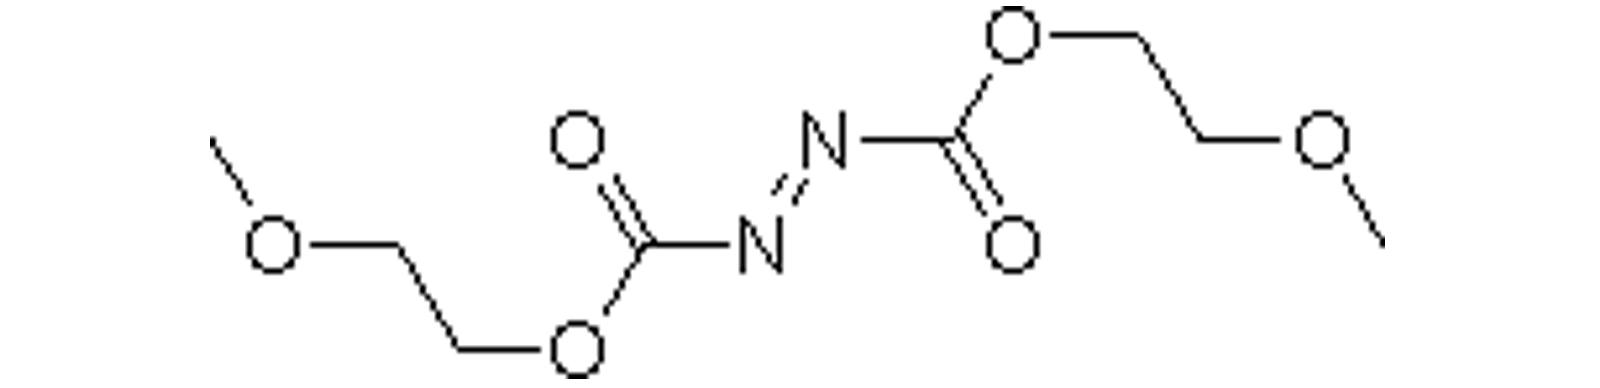 吴江区双-2-甲氧乙基偶氮二羧酸厂家直销,双-2-甲氧乙基偶氮二羧酸